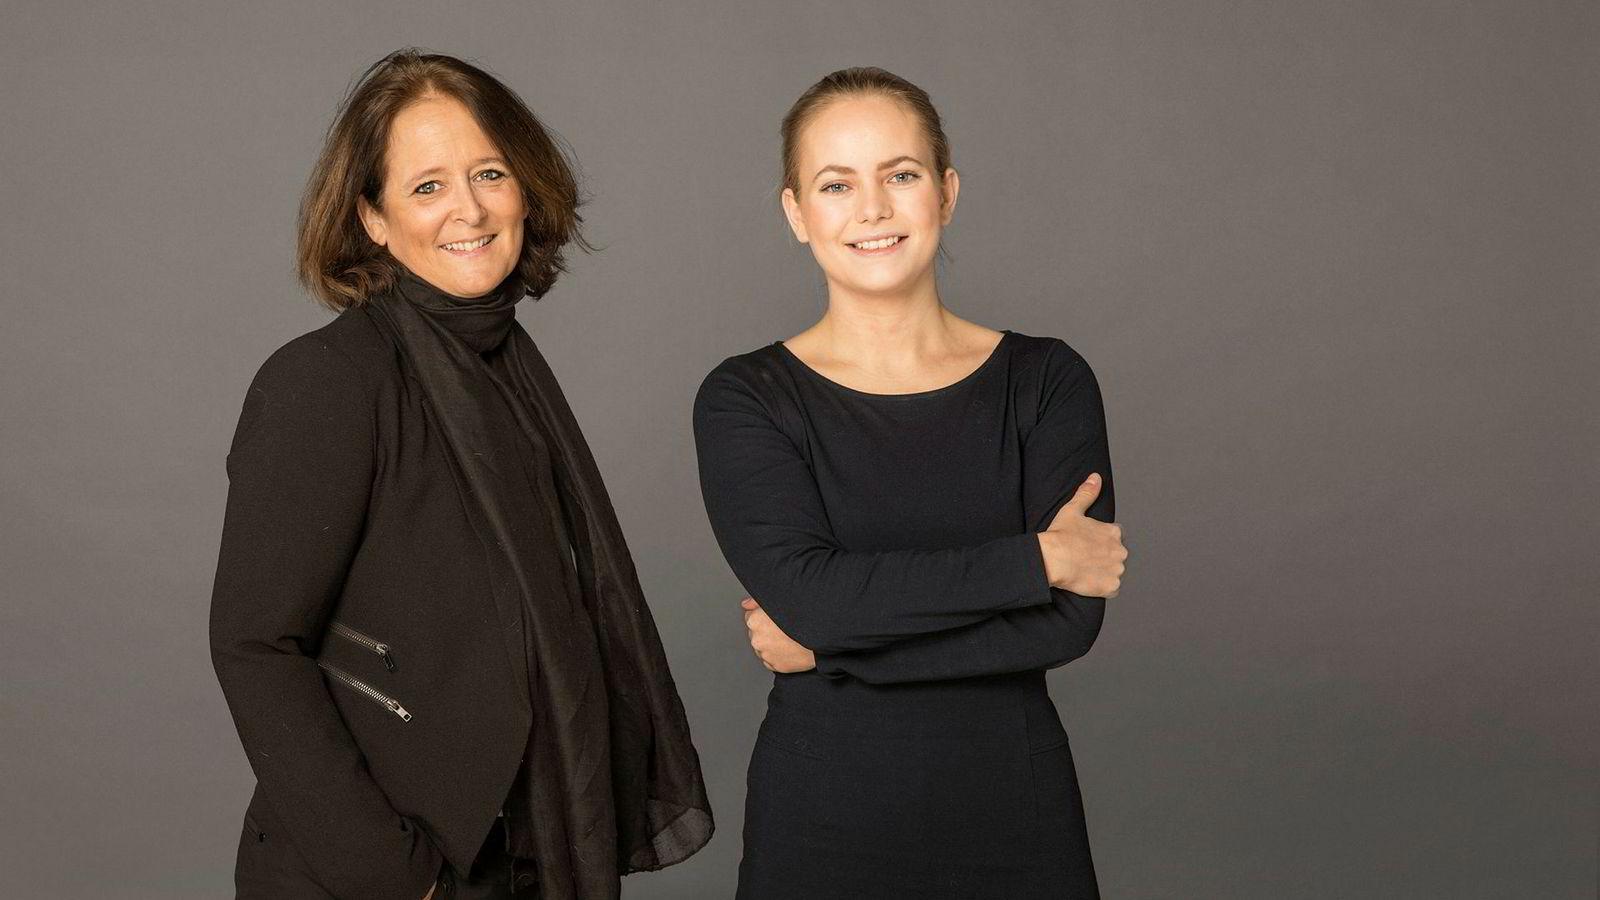 Eva Grinde og Nora Rydne får besøk i Mandagsmøtet-studioet av psykolog Espen Skorstad for å finne ut hvordan man blir leder uten å være mega-utadvendt.